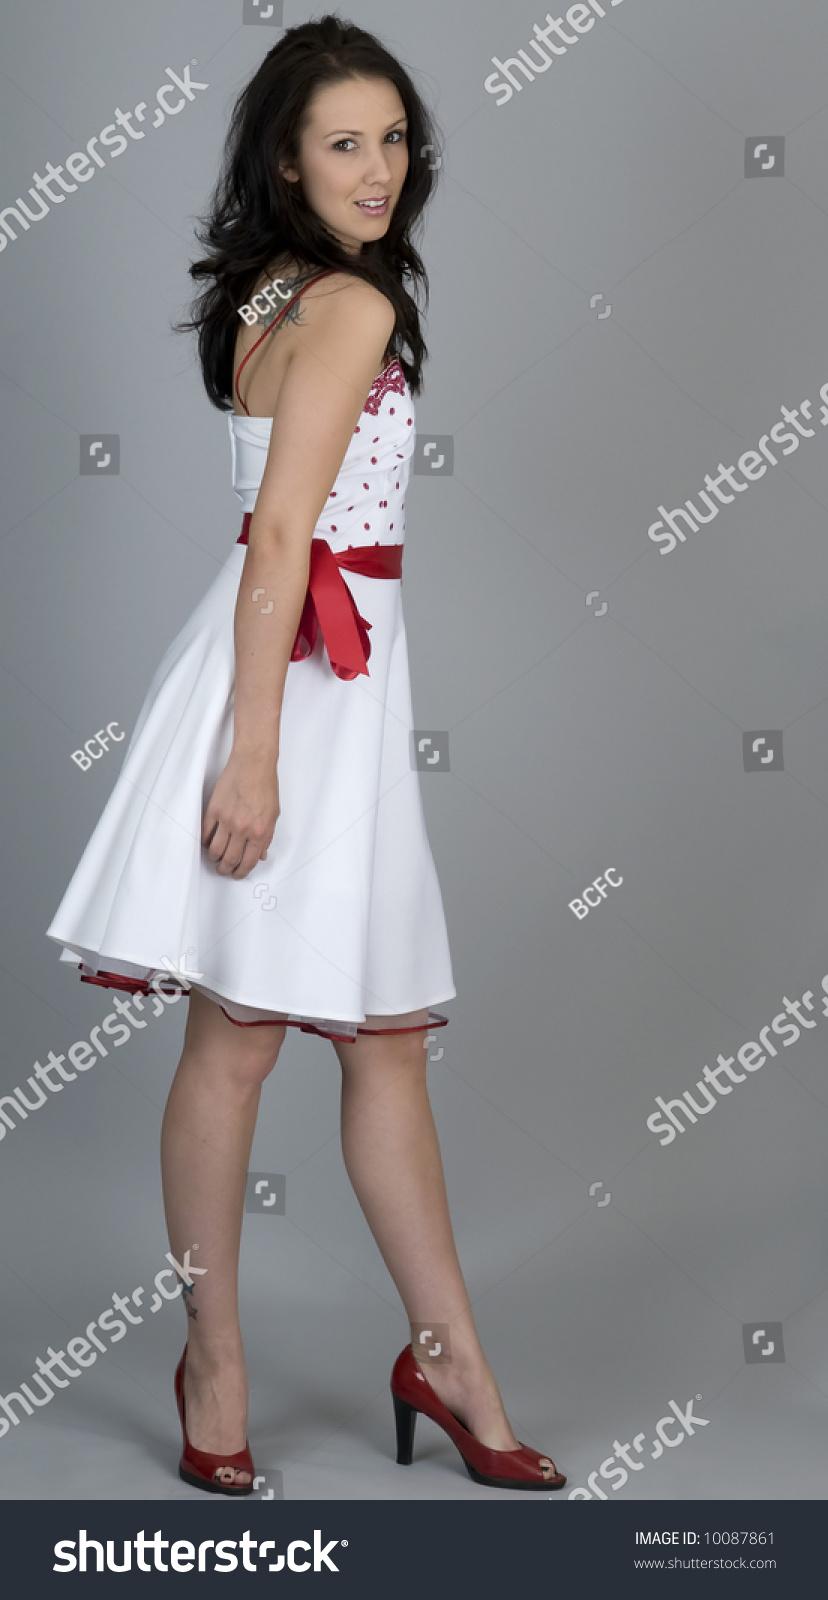 Woman Wearing Retro 1950s Style White Stock Photo 10087861 ...